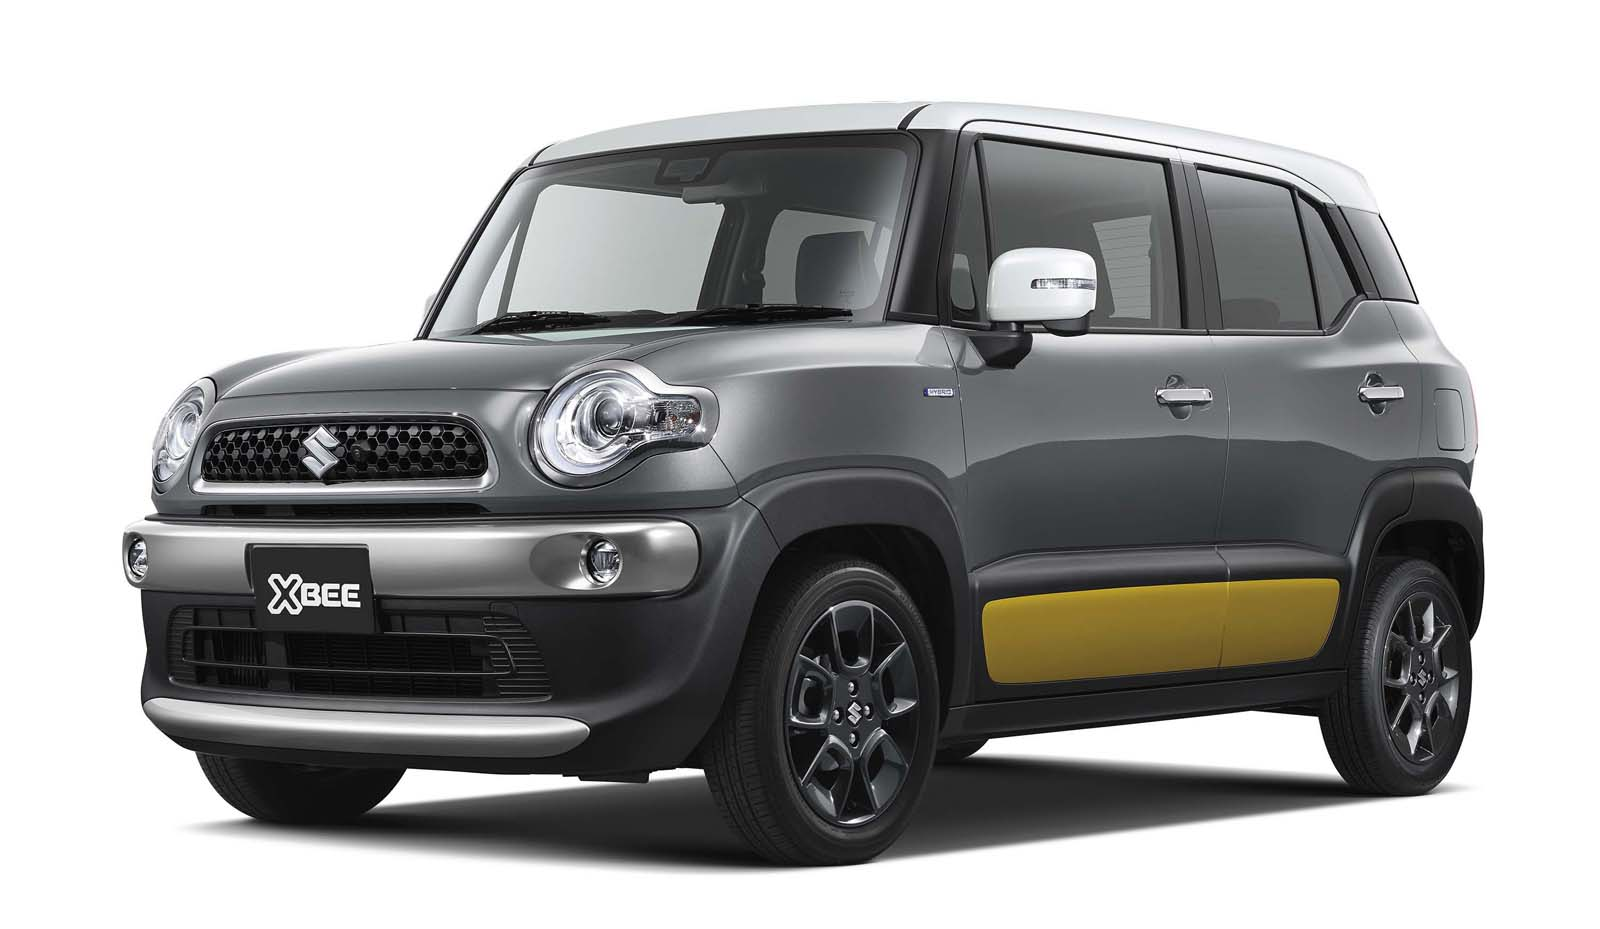 Suzuki Xbee 2018 (3)